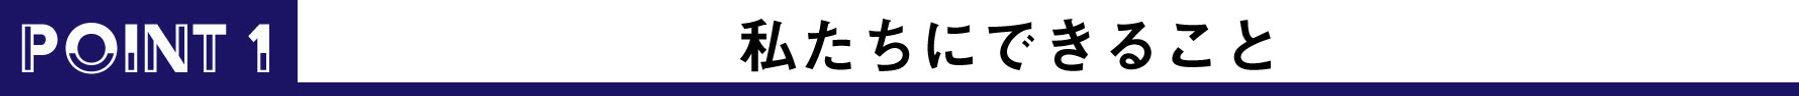 私たちにできること アパレル.jpg